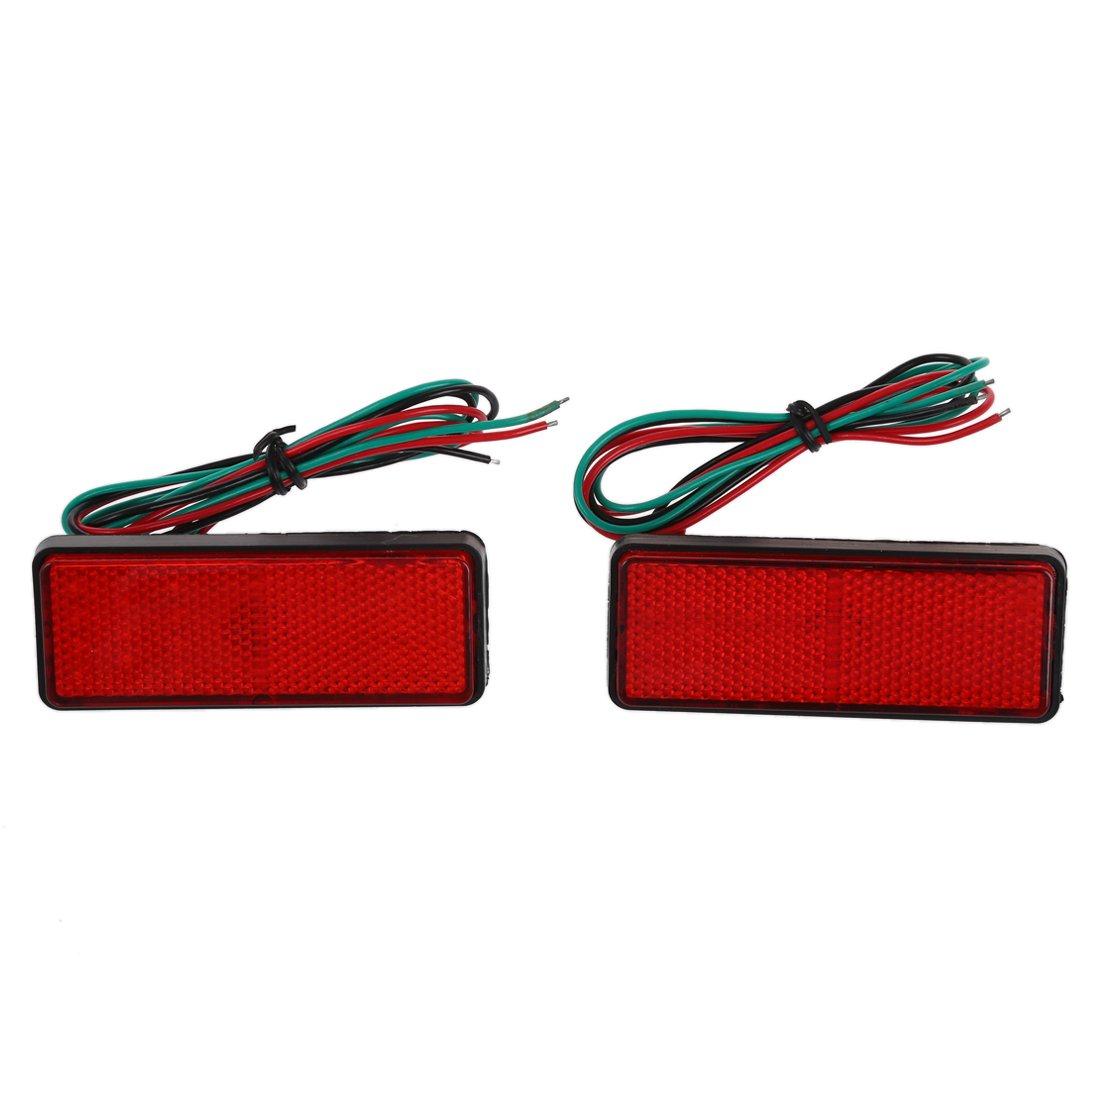 LED Ruecklicht Reflektoren - SODIAL(R)2 x LED Roter Reflektor Endstueck Bremslicht Markierung Licht LKW Anhaenger ATV RV Motor SUV 058933